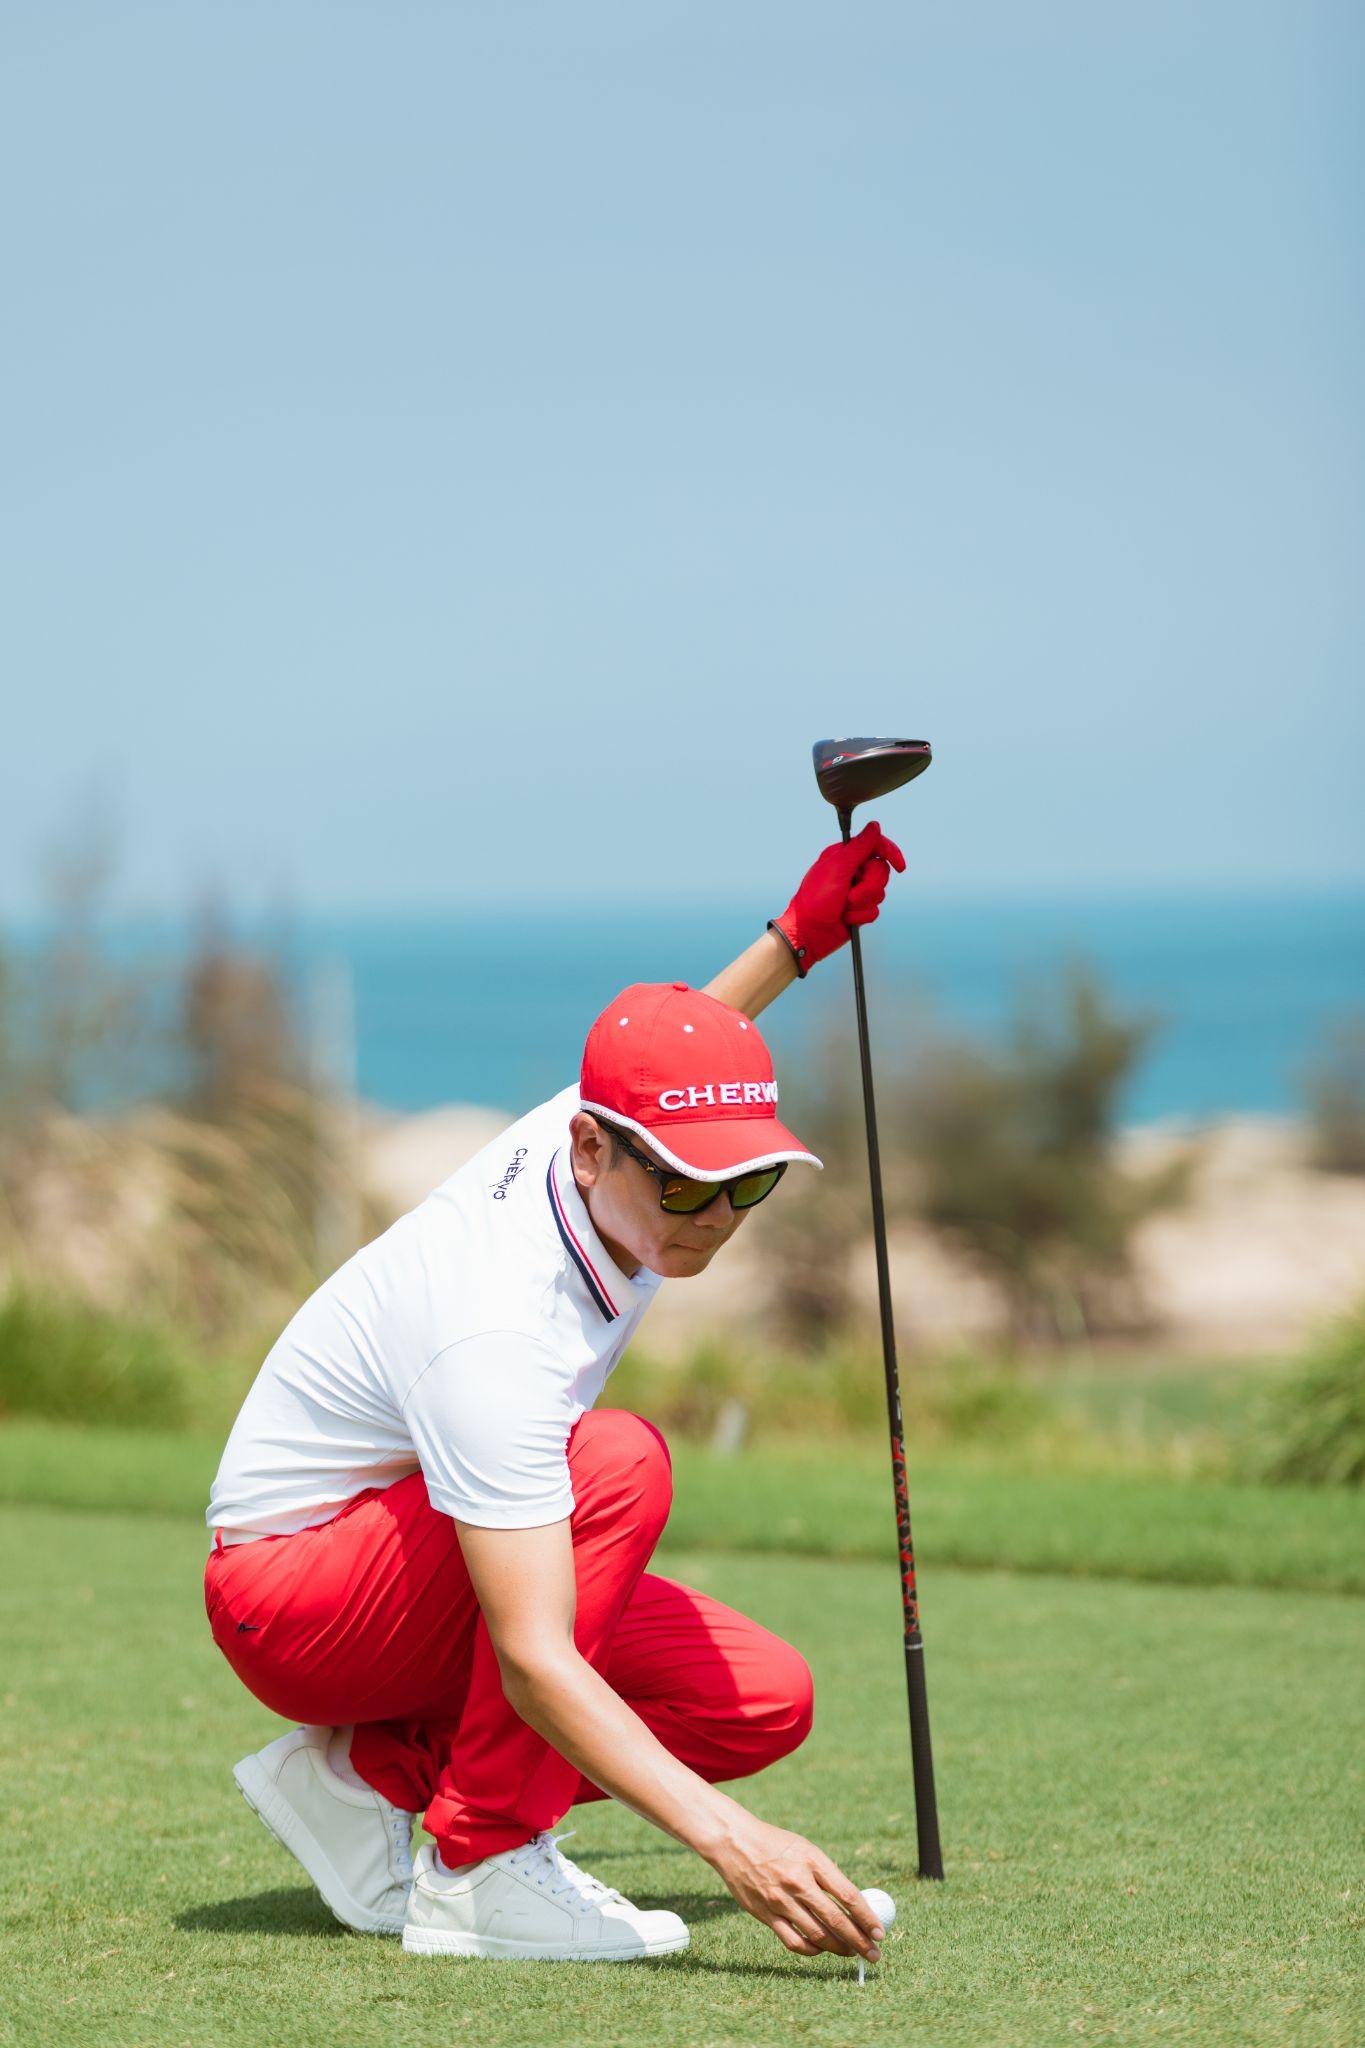 Hồ Hoài Anh nổi bật với trang phục, phụ kiện gam đỏ trắng. Anh cho rằng golf không chỉ tăng cường sức khỏe (đi bộ nhiều), mà mục còn rèn tinh thần, sự kiên nhẫn và chính xác.